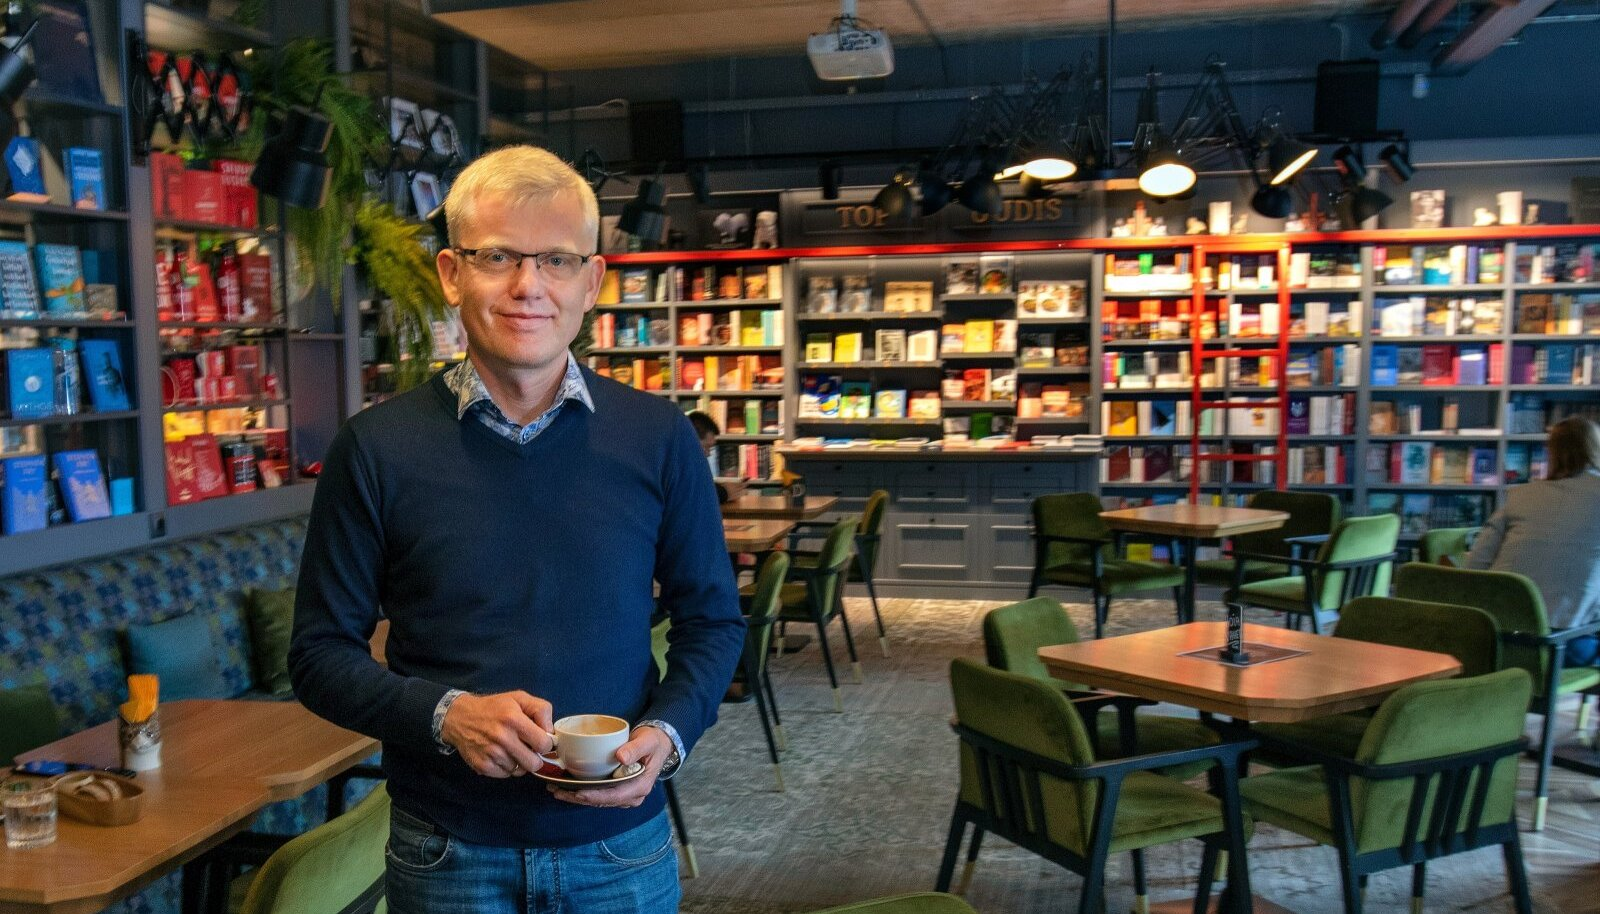 Rahva Raamatu juhatuse esimees Viljar Ots on nördinud, sest neid ei kohelda teistega võrdselt.